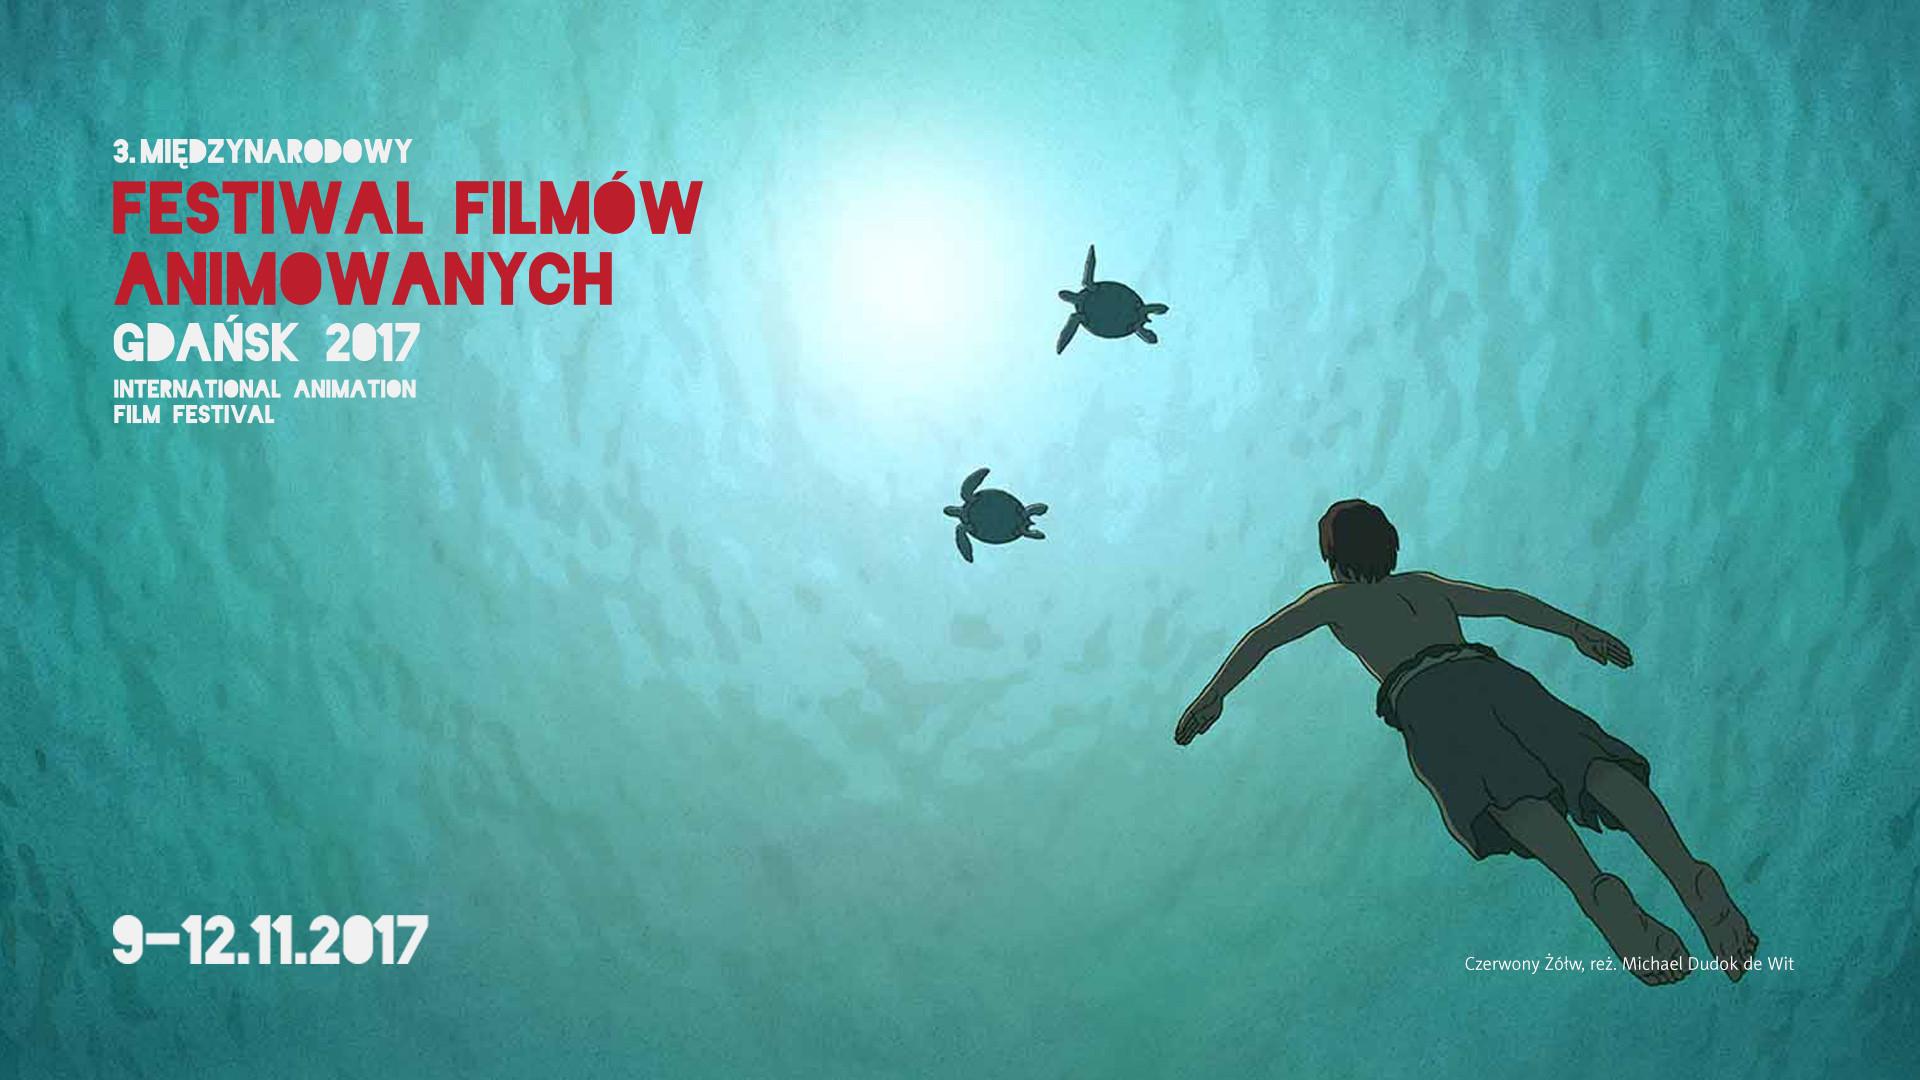 III Международный Фестиваль Анимационных Фильмов 9-12 ноября в Гданьске